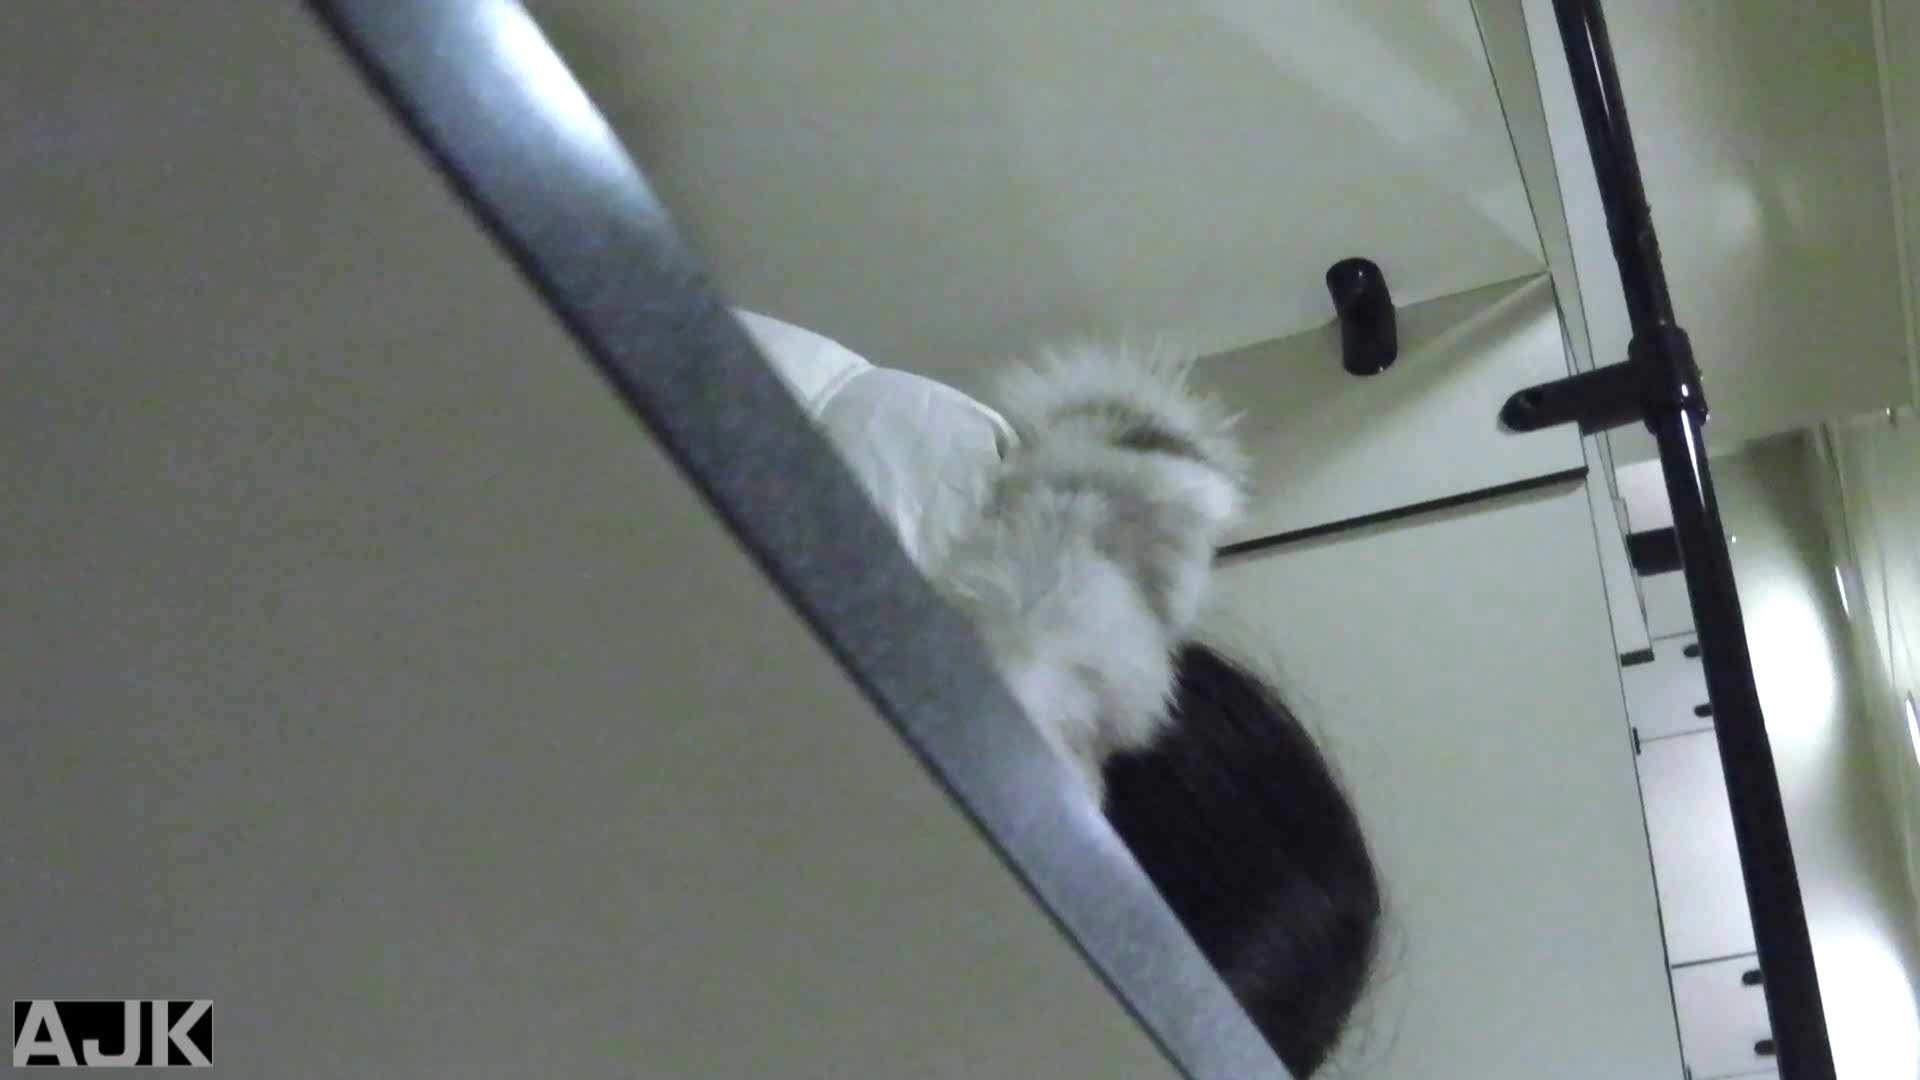 隣国上階級エリアの令嬢たちが集うデパートお手洗い Vol.29 女子トイレ | お嬢様のエロ動画  108枚 12